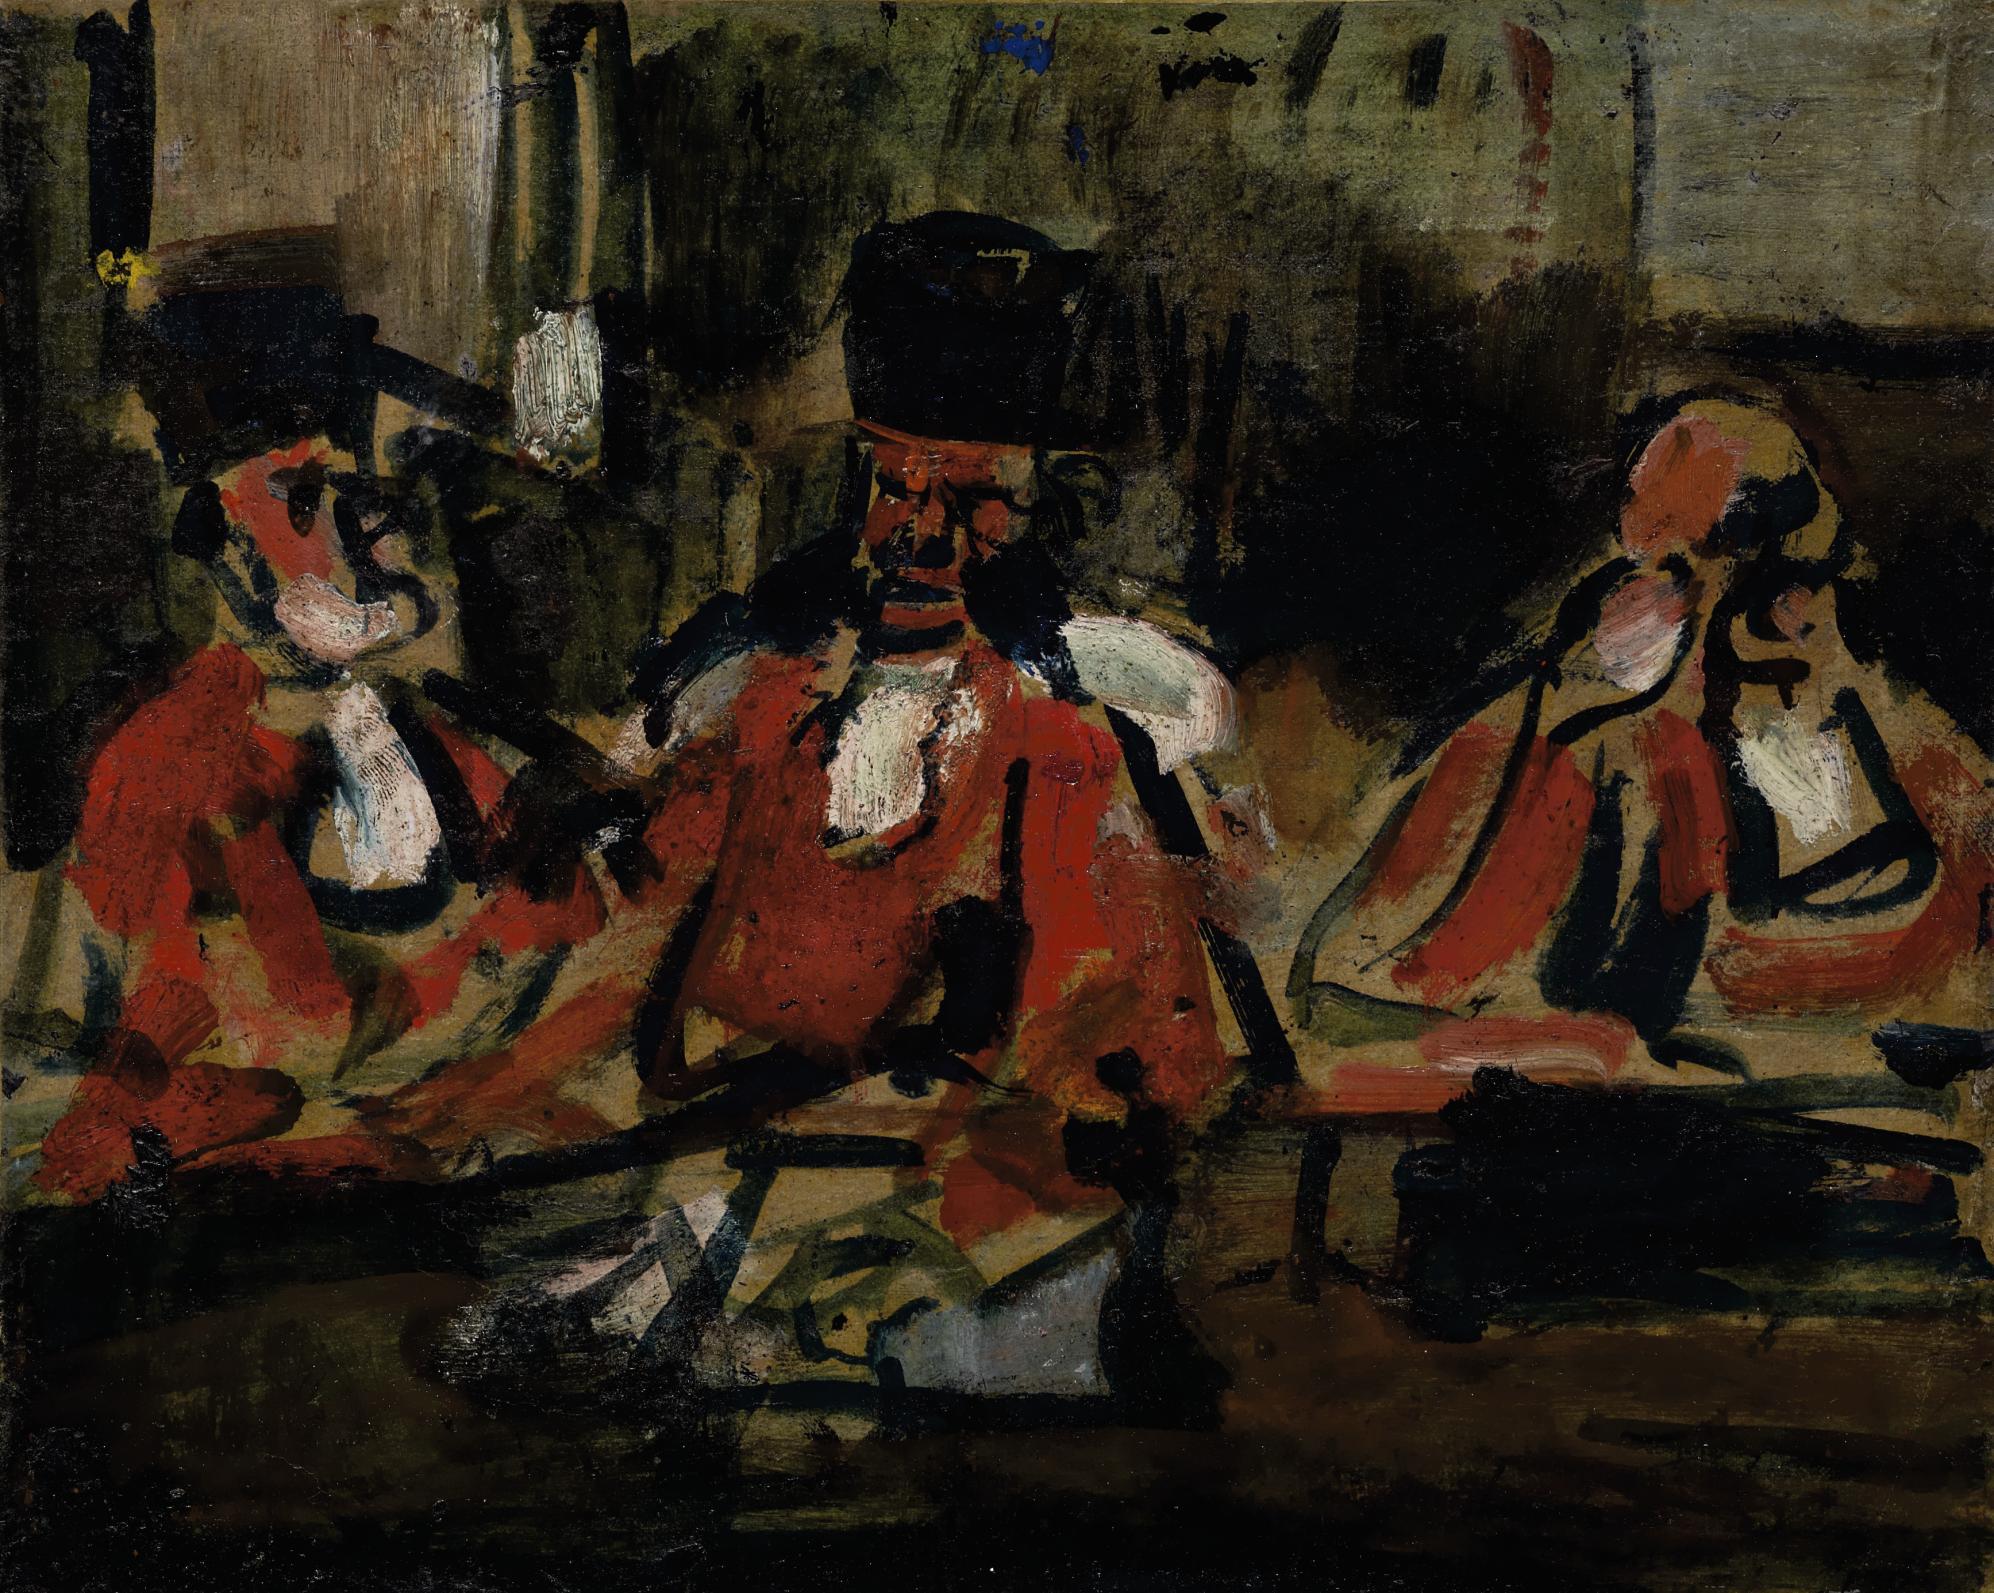 Georges Rouault (1871-1958)